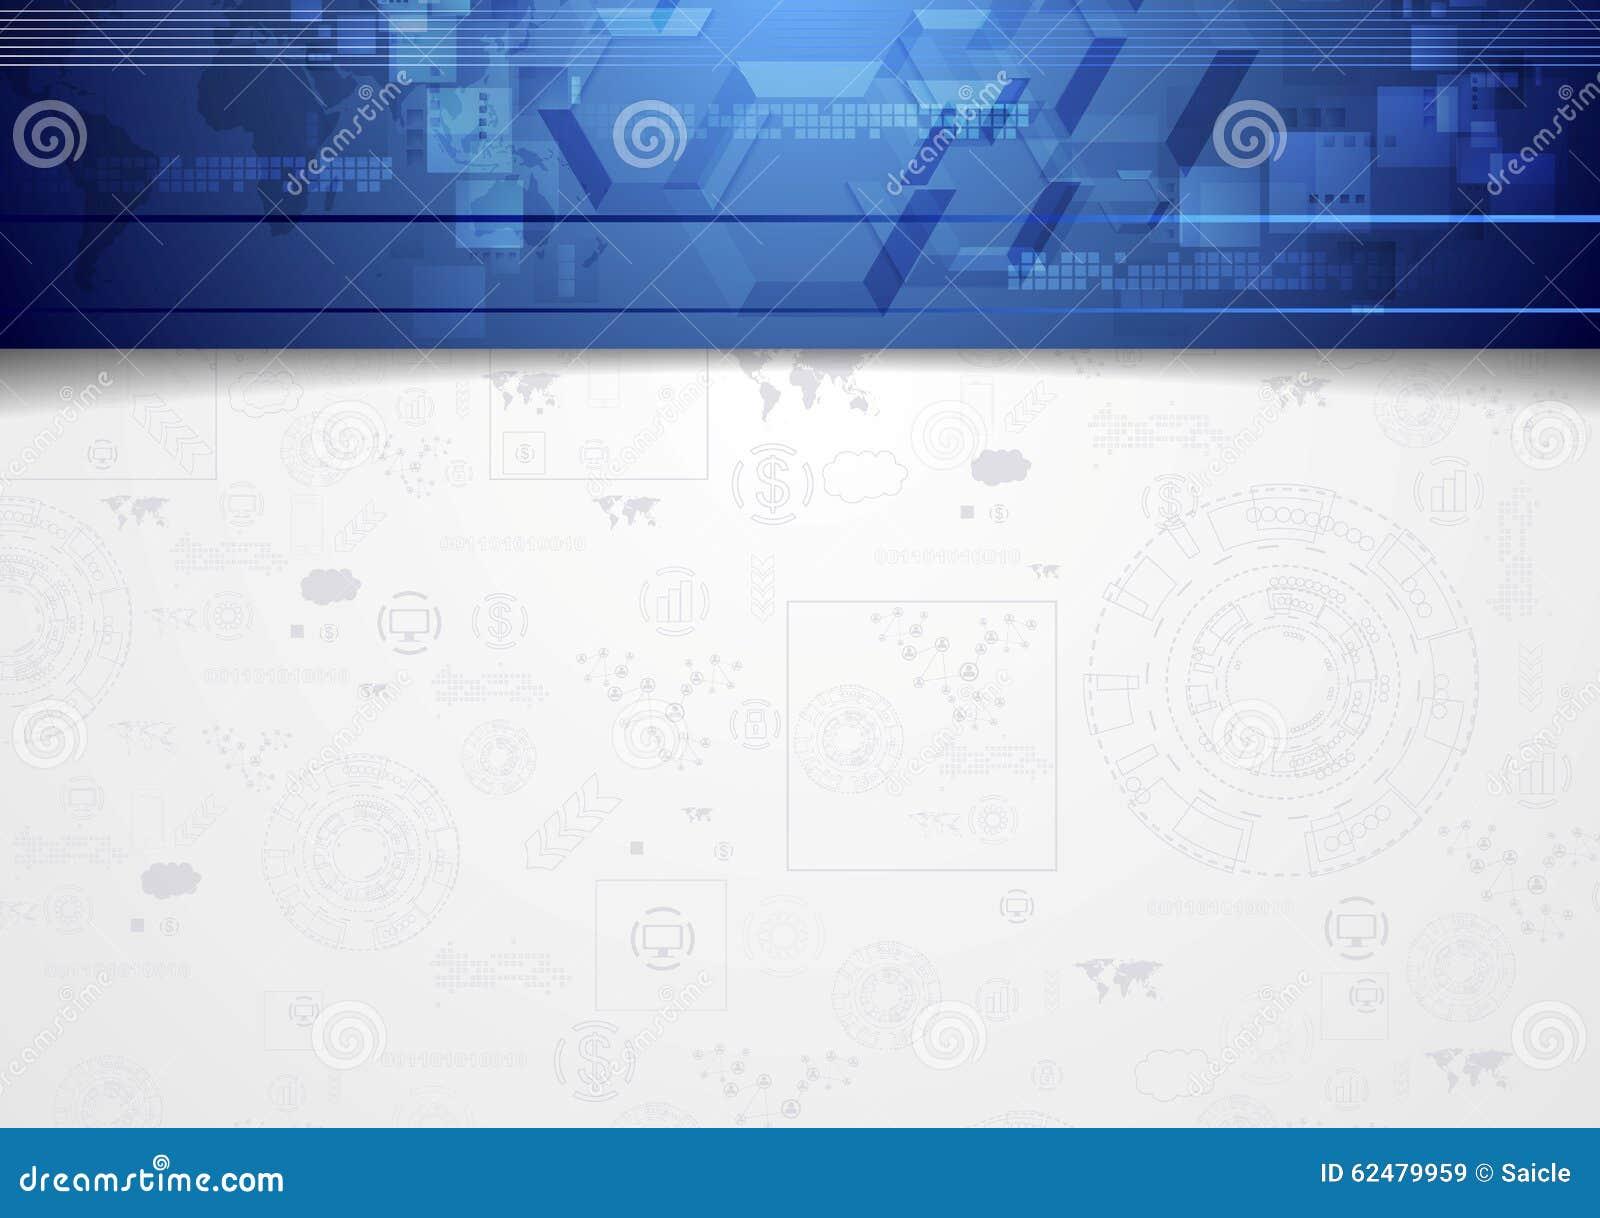 Background image header - Background Blue Corporate Design Header